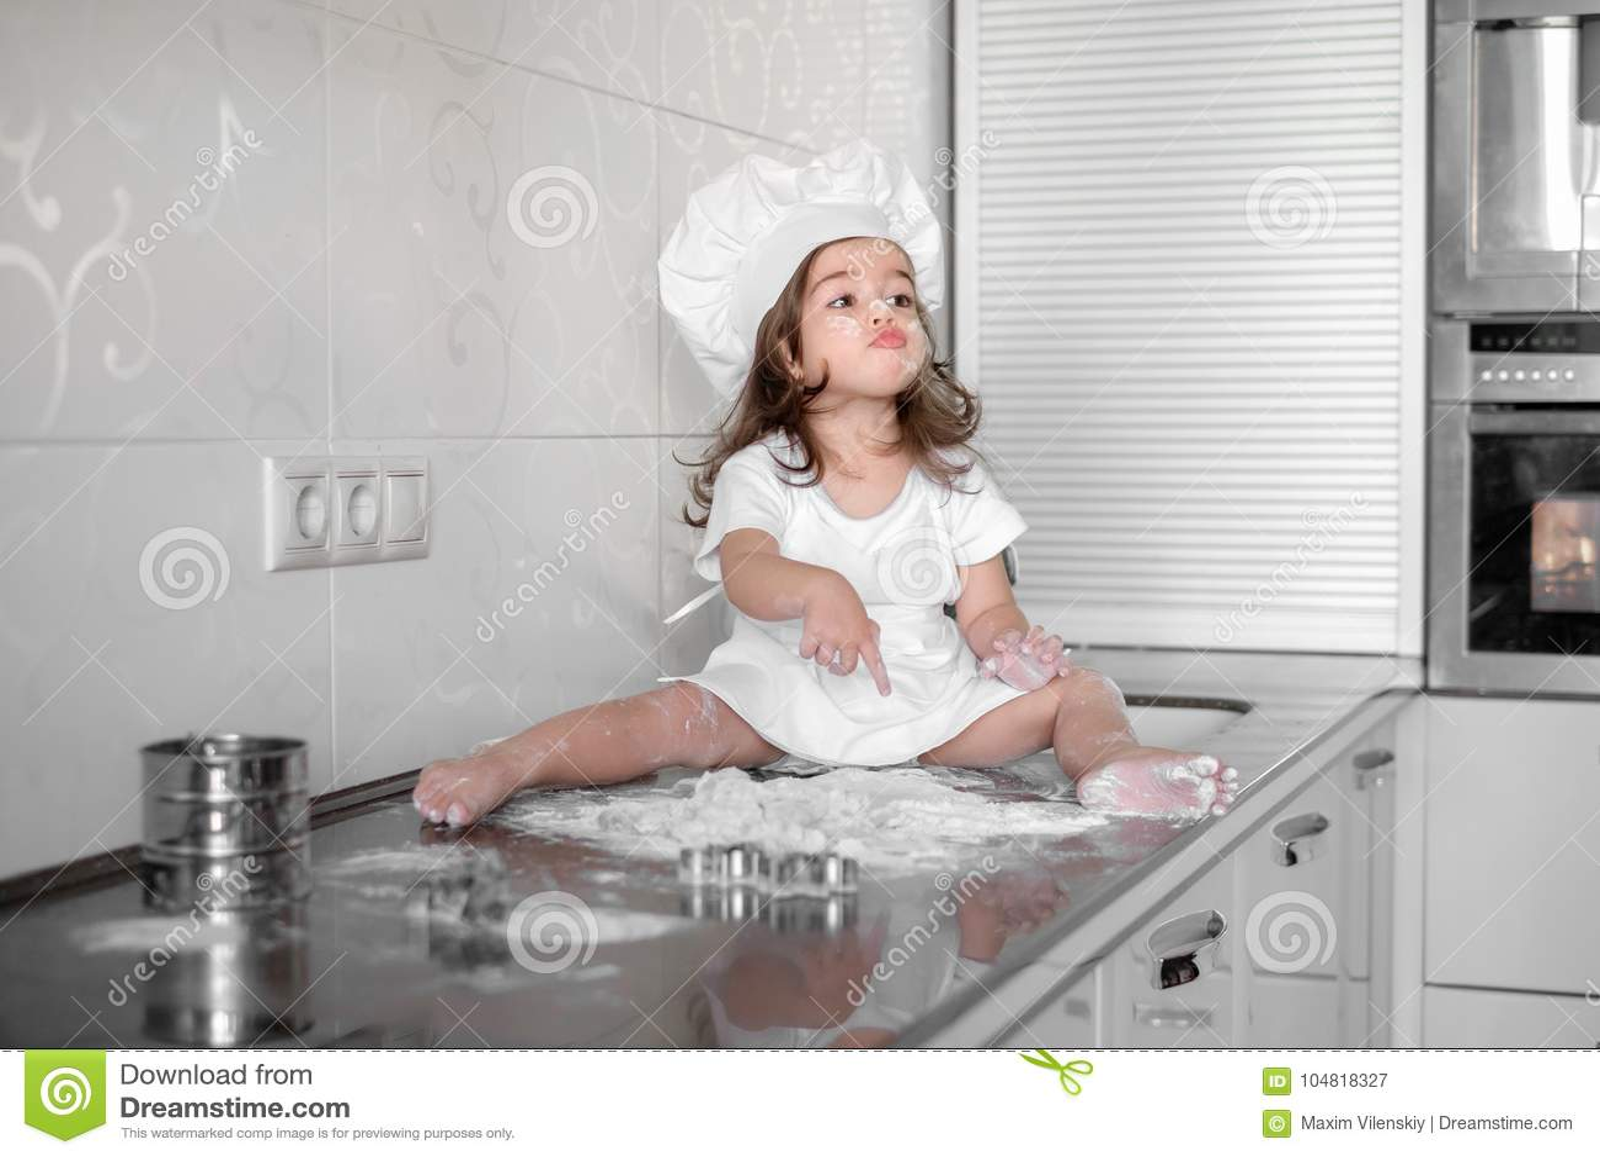 La niña hace la pasta en cocina con el rodillo